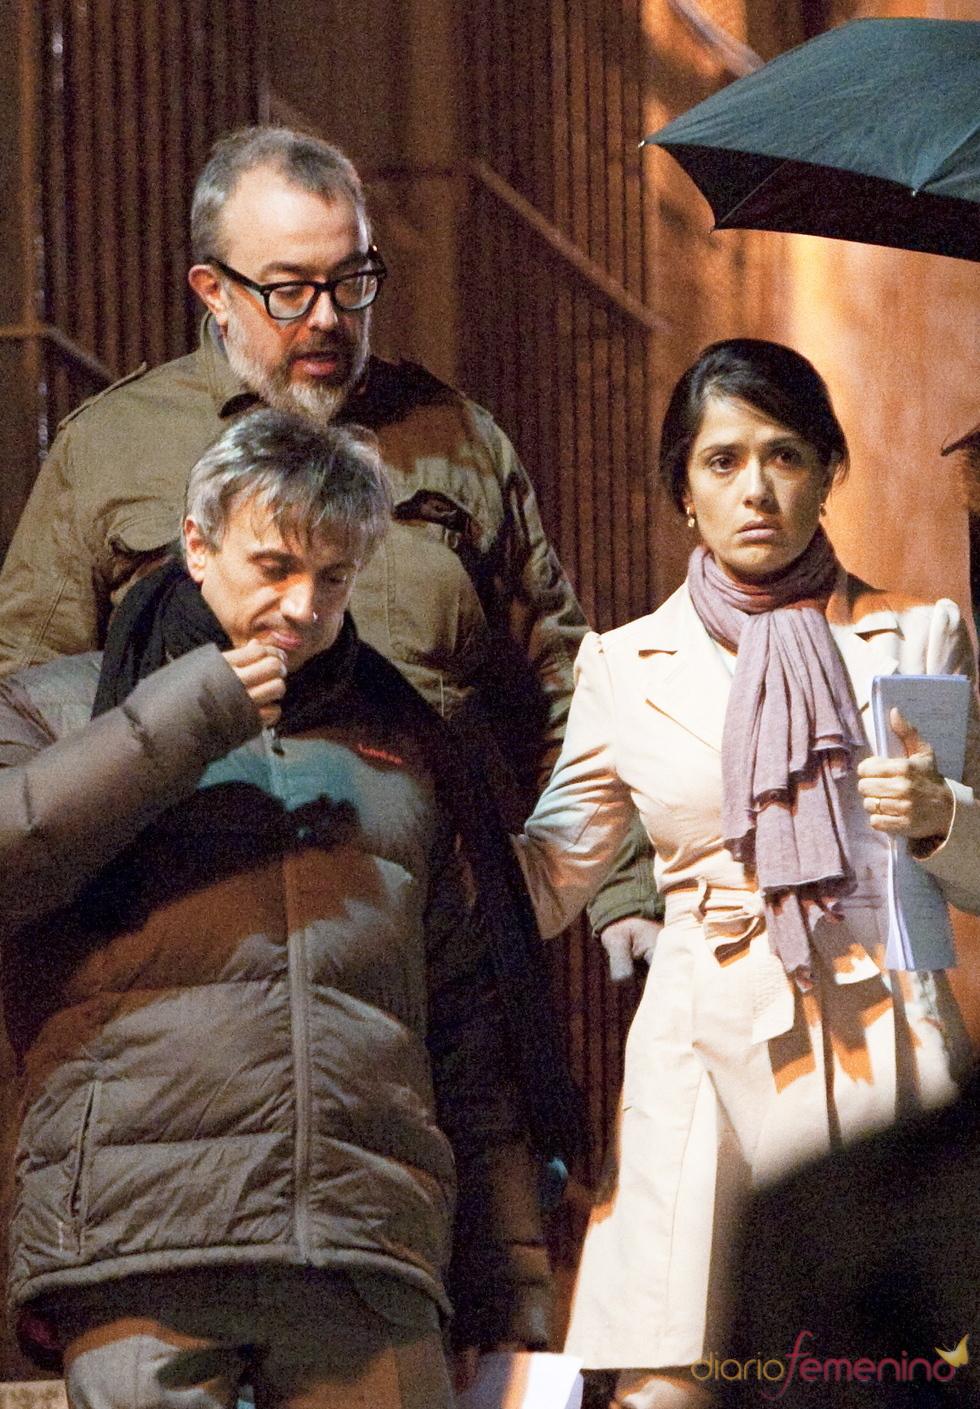 Álex de la Iglesia, José Mota y Salma Hayek en un descanso del rodaje